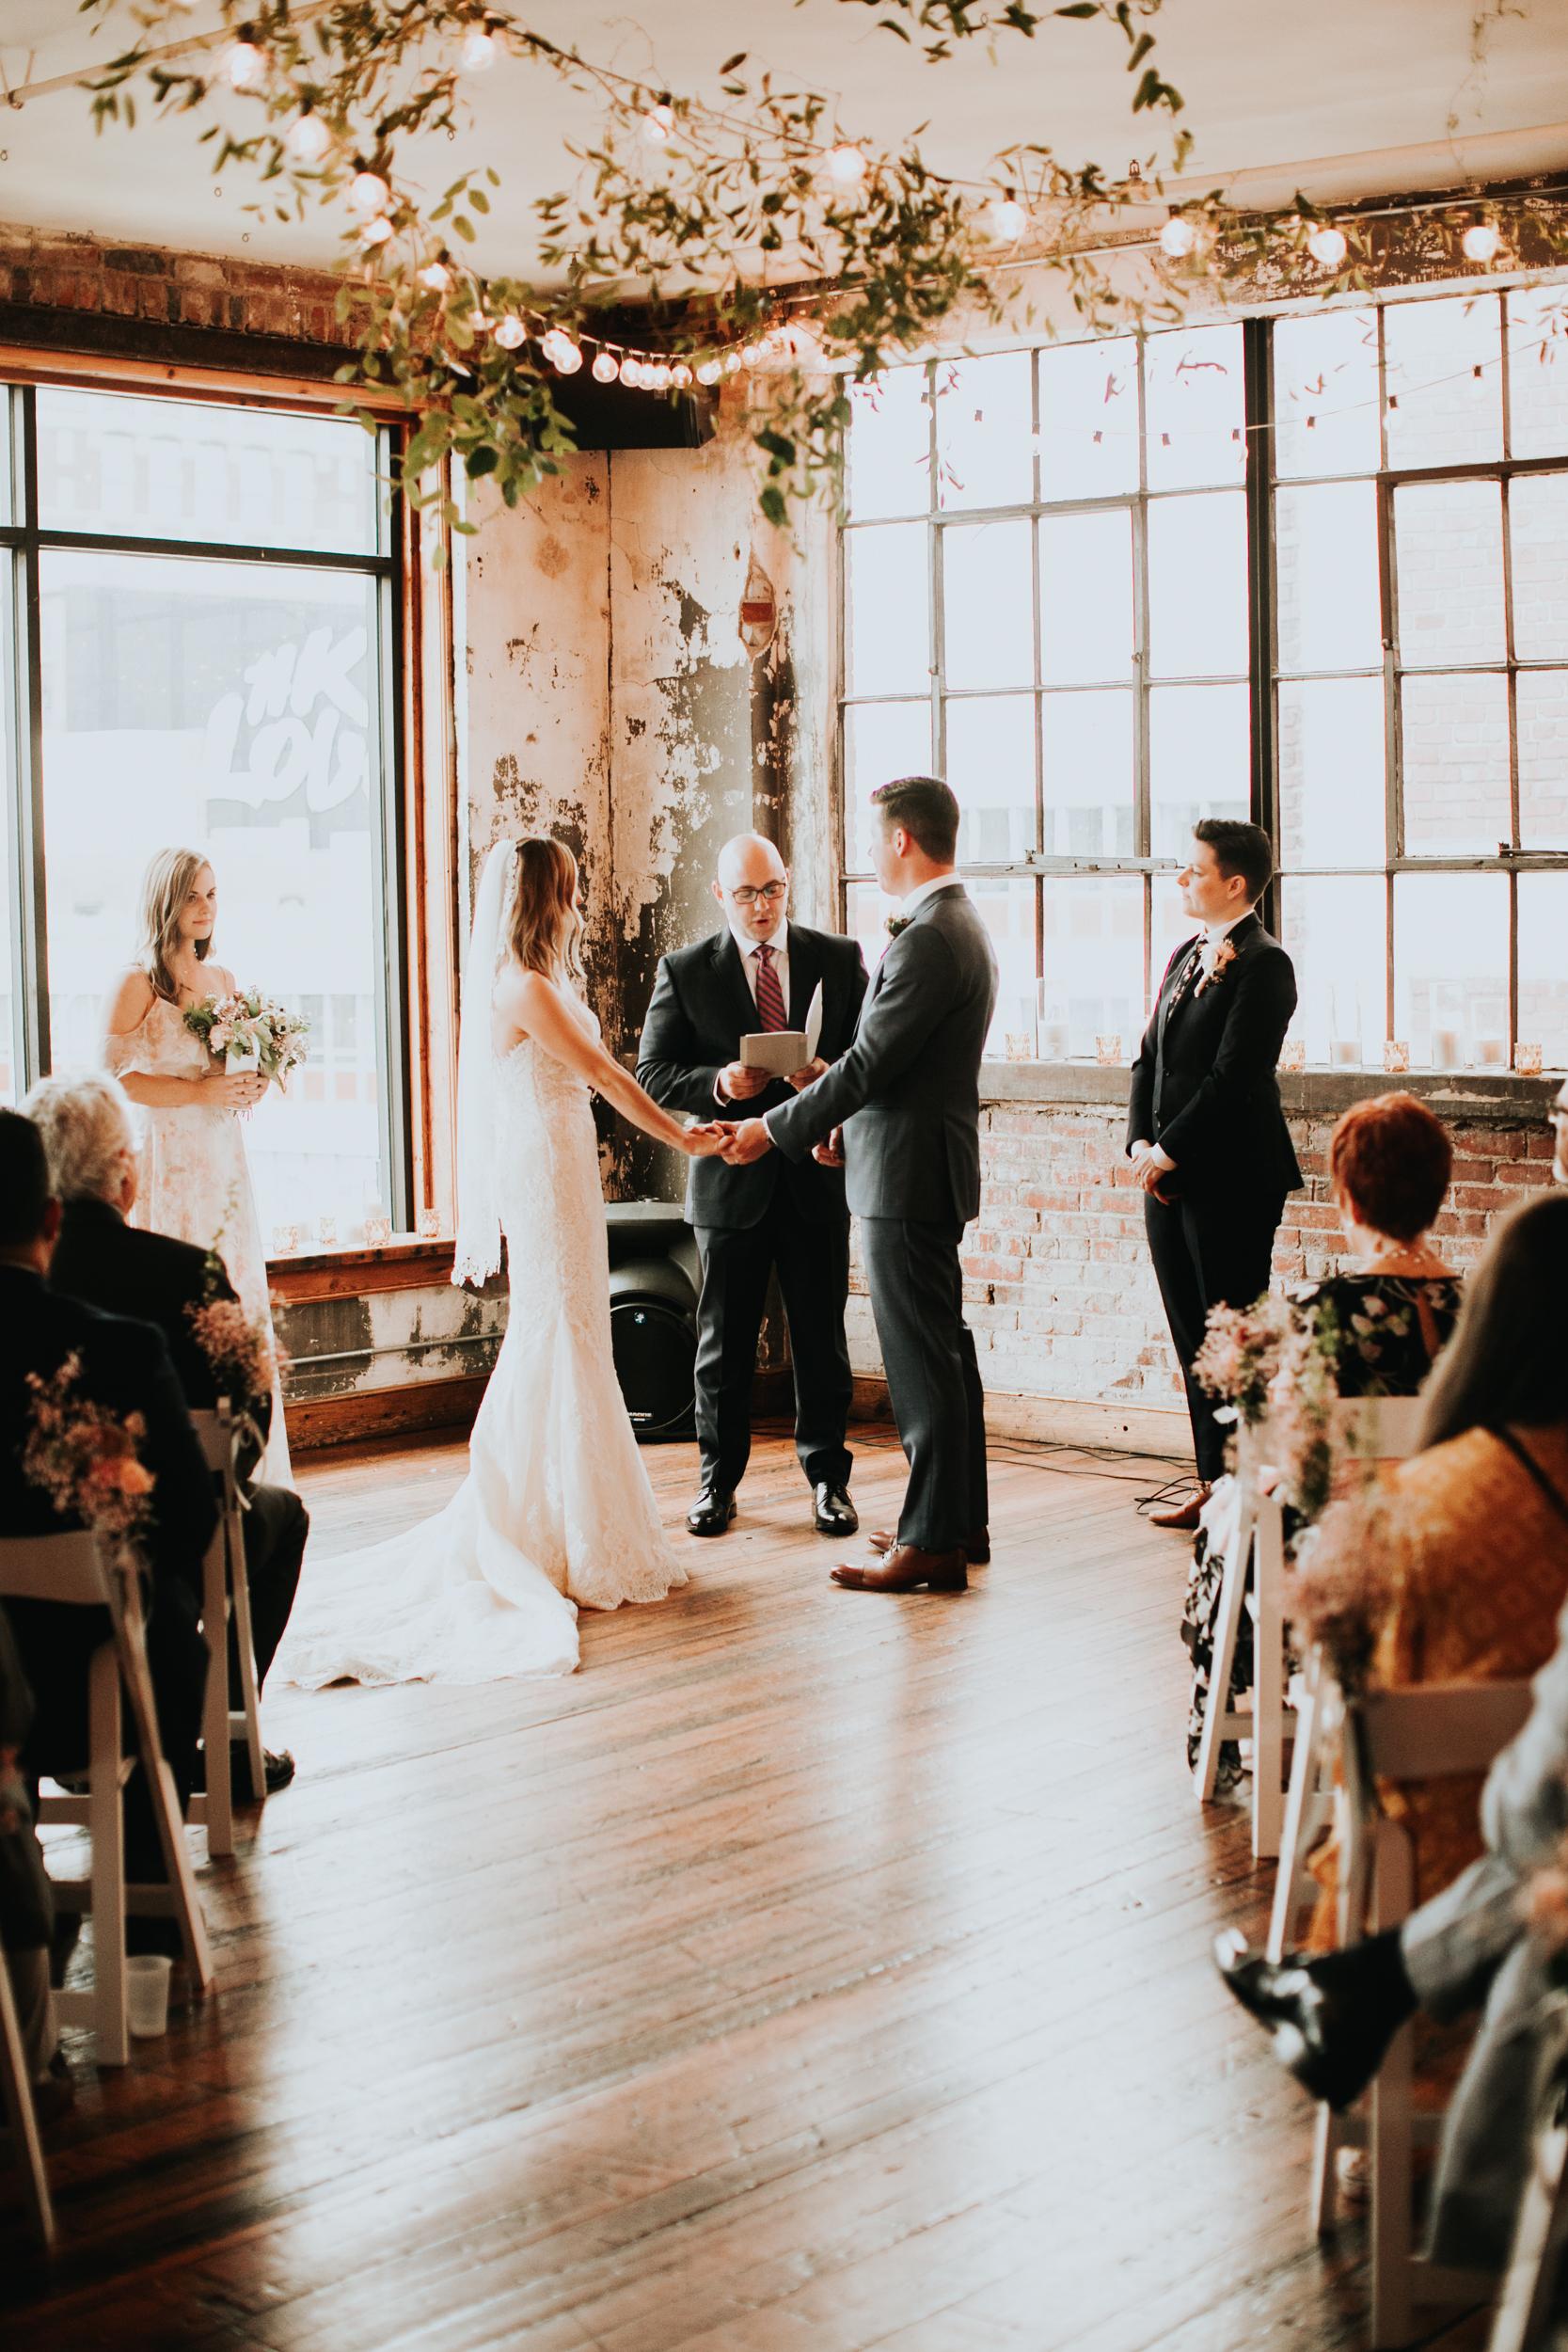 Britt and Scott Wedding Ceremony at The Bauer in Kansas City-151.jpg